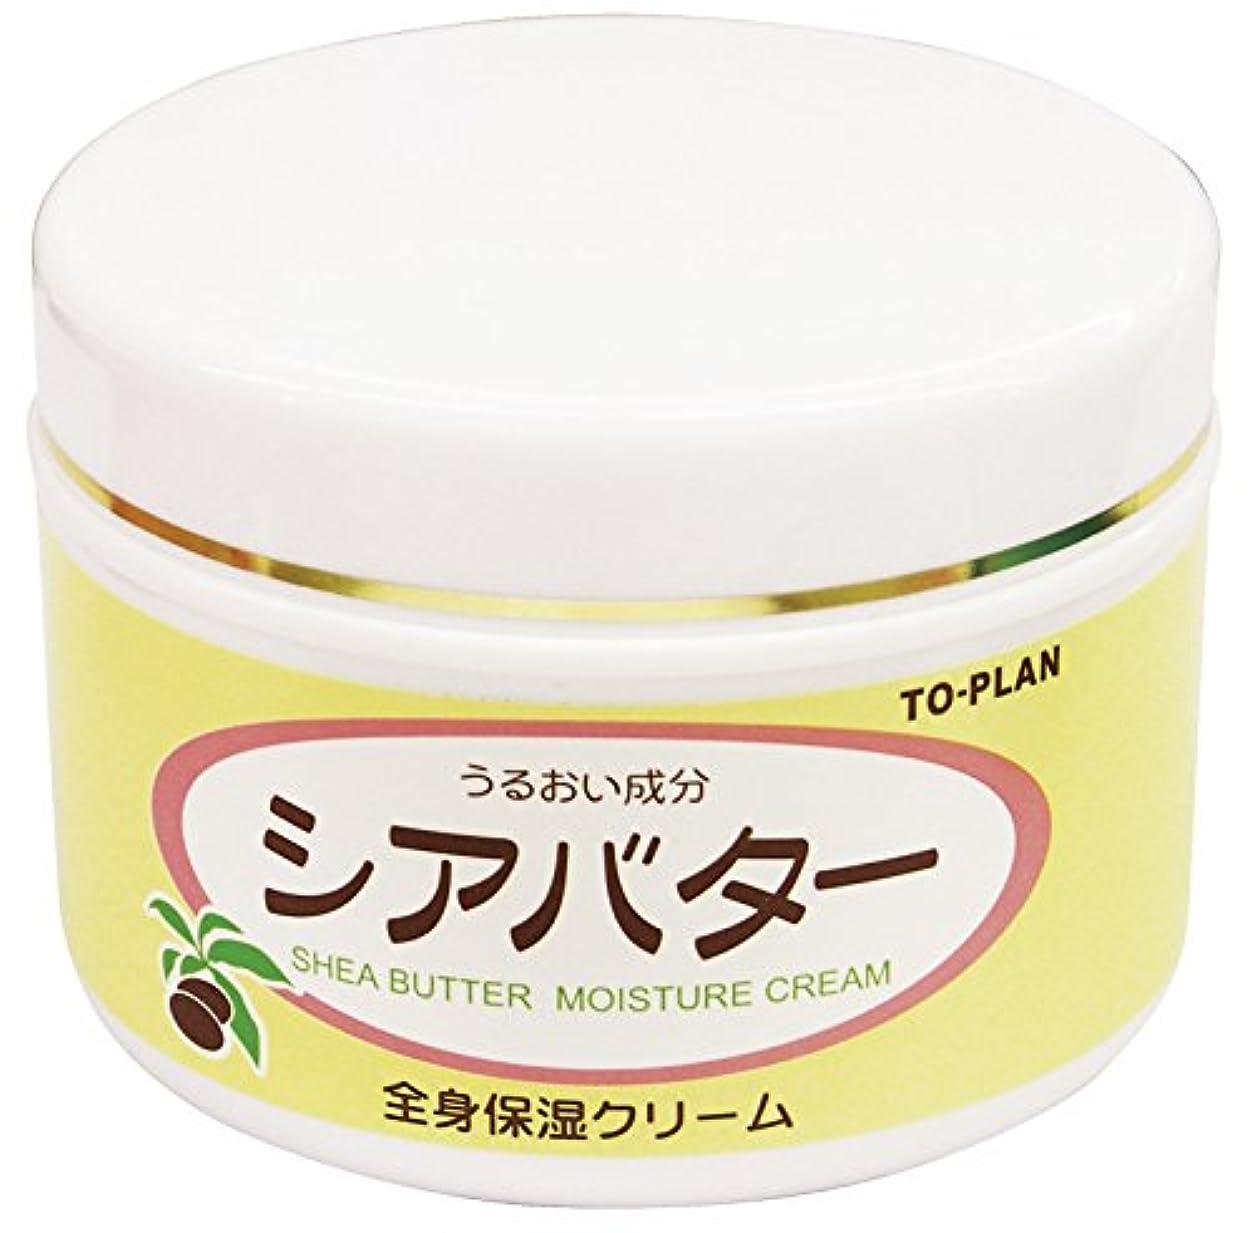 スマッシュ禁じる永続TO-PLAN(トプラン) シアバター全身保湿クリーム 170g